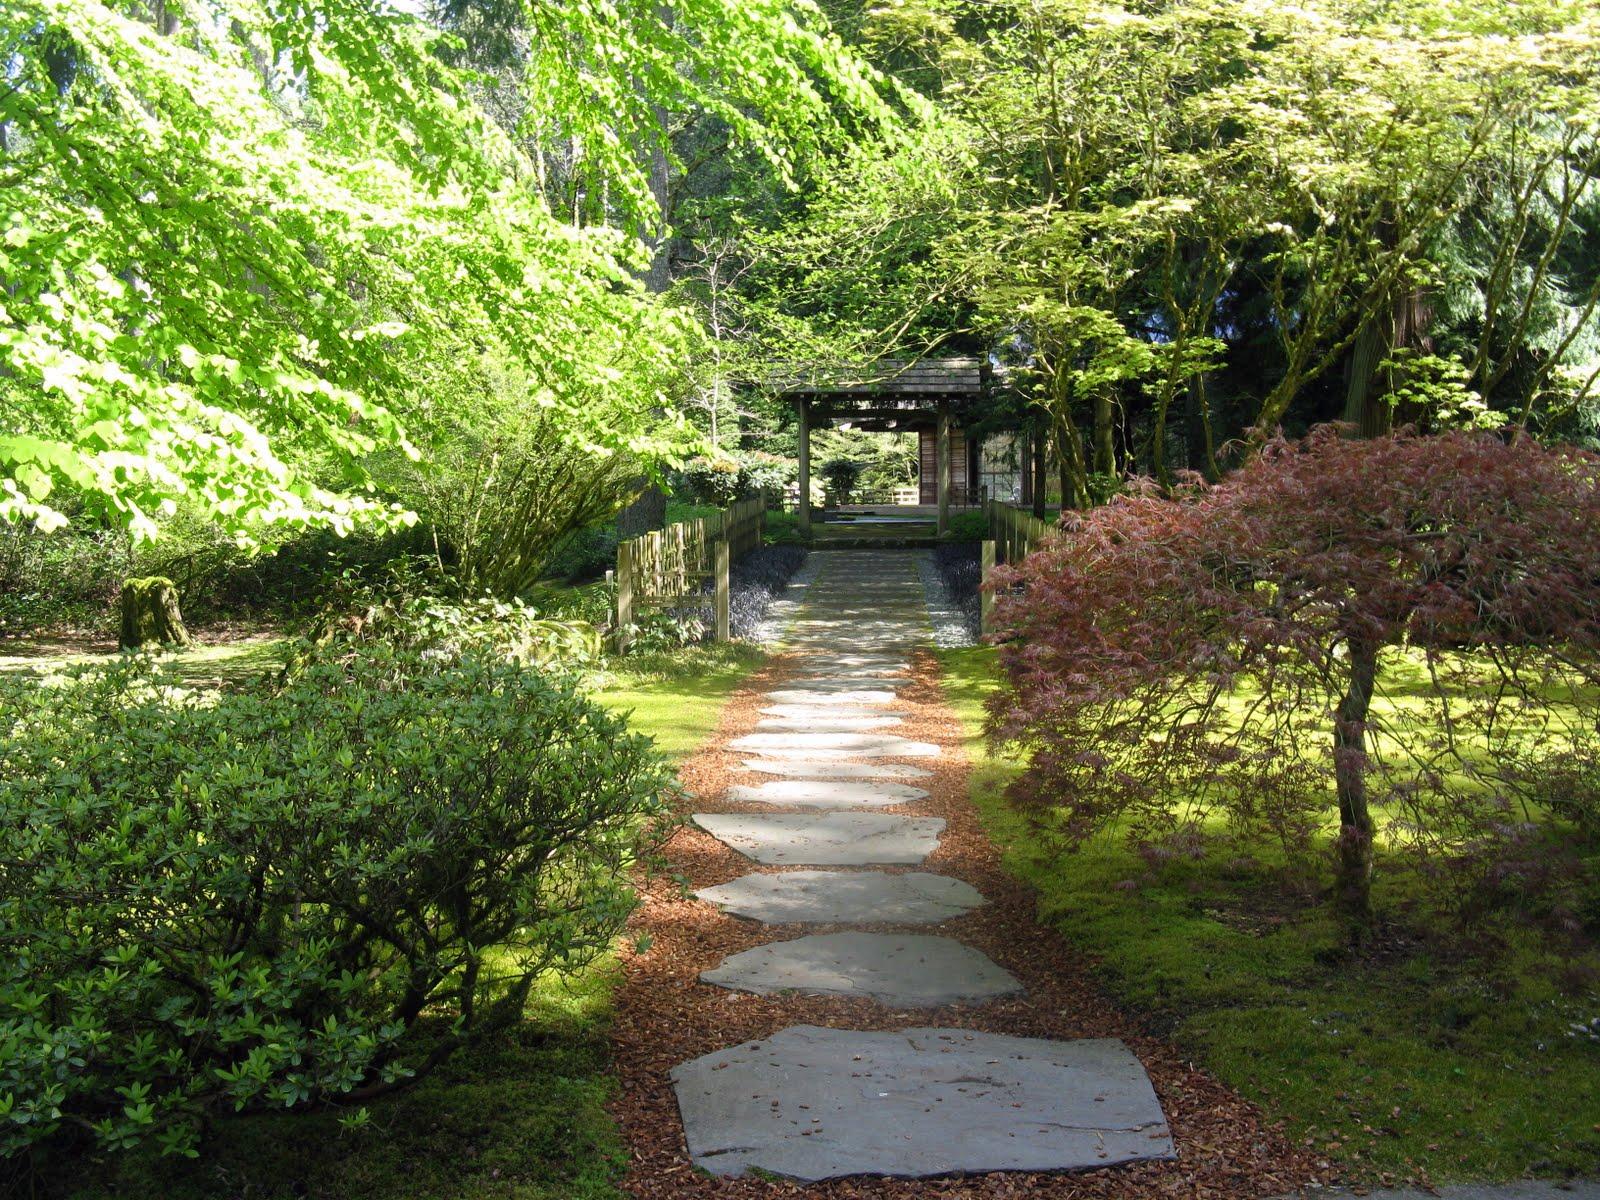 Zen Garden Wallpaper HD 9 Freetopwallpapercom 1600x1200